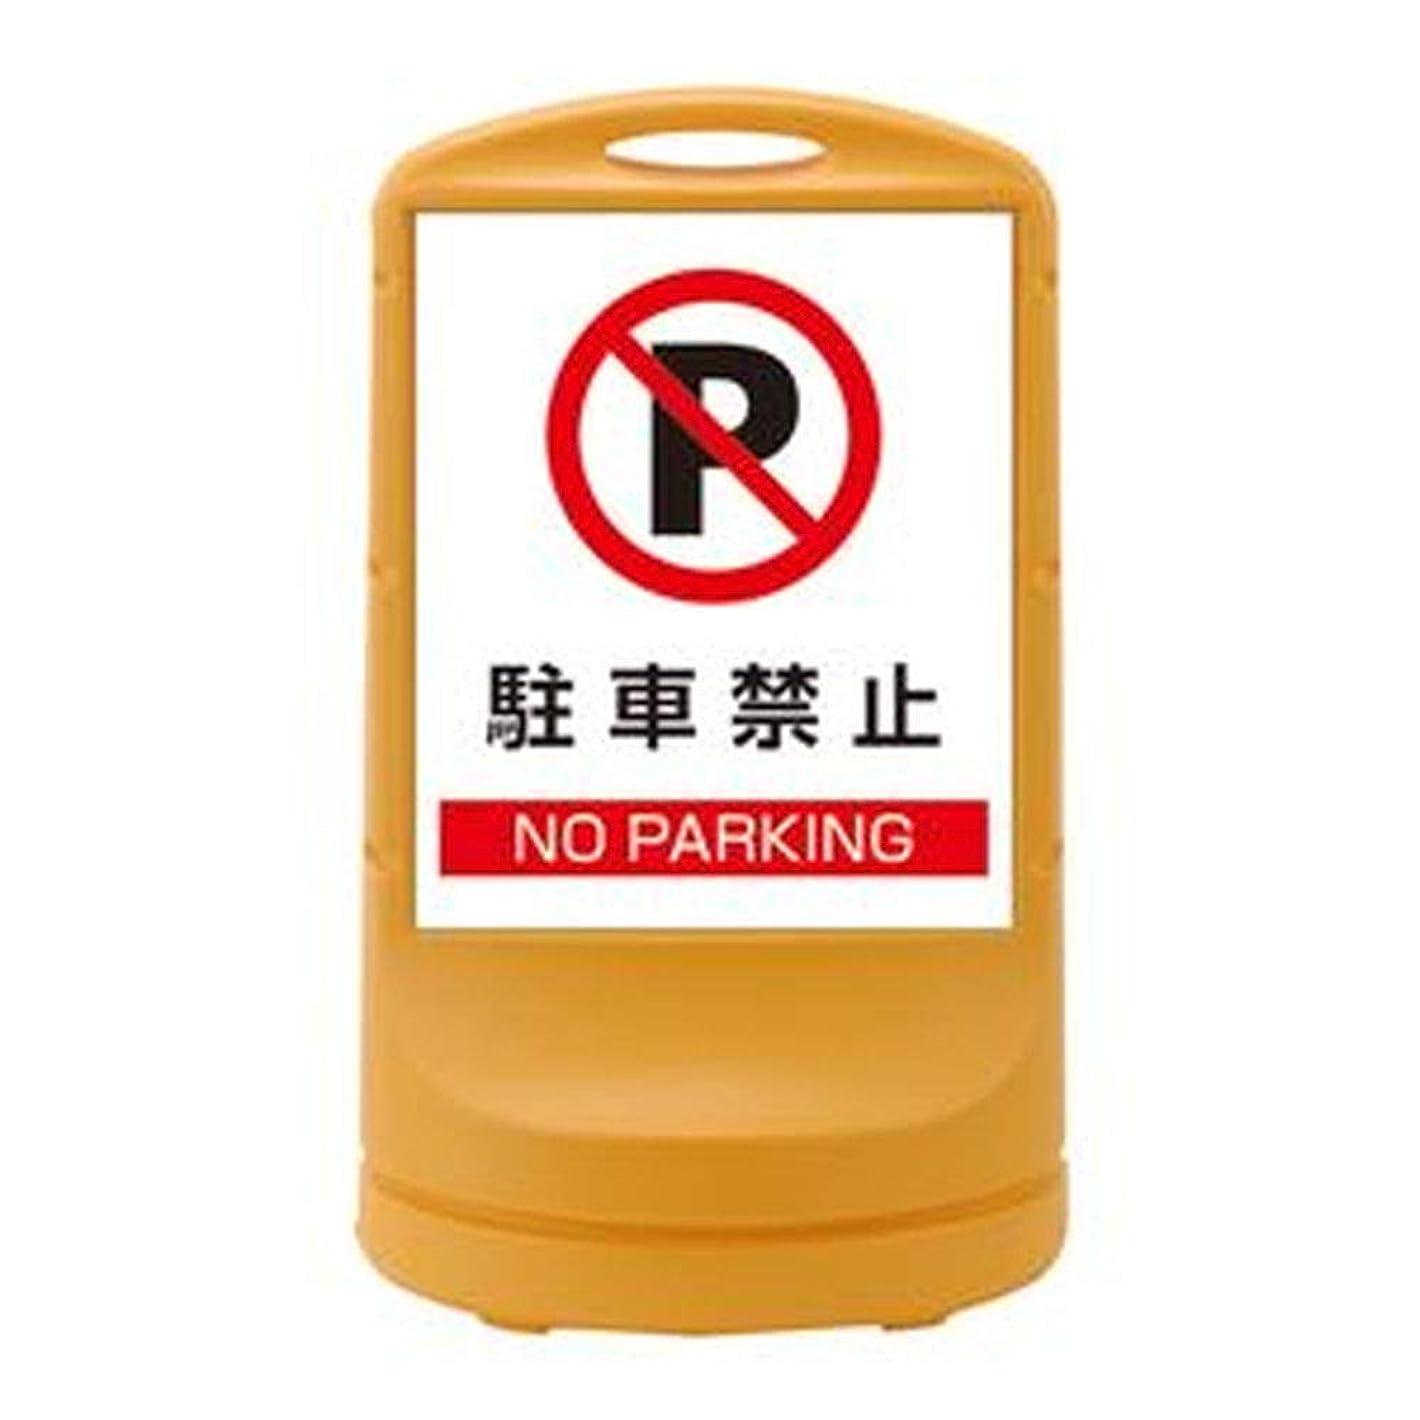 ボイコット法律により昆虫を見るスタンドサイン?駐車禁止?NO?PARKING?RSS80-2?■カラー:イエロー?-単品-